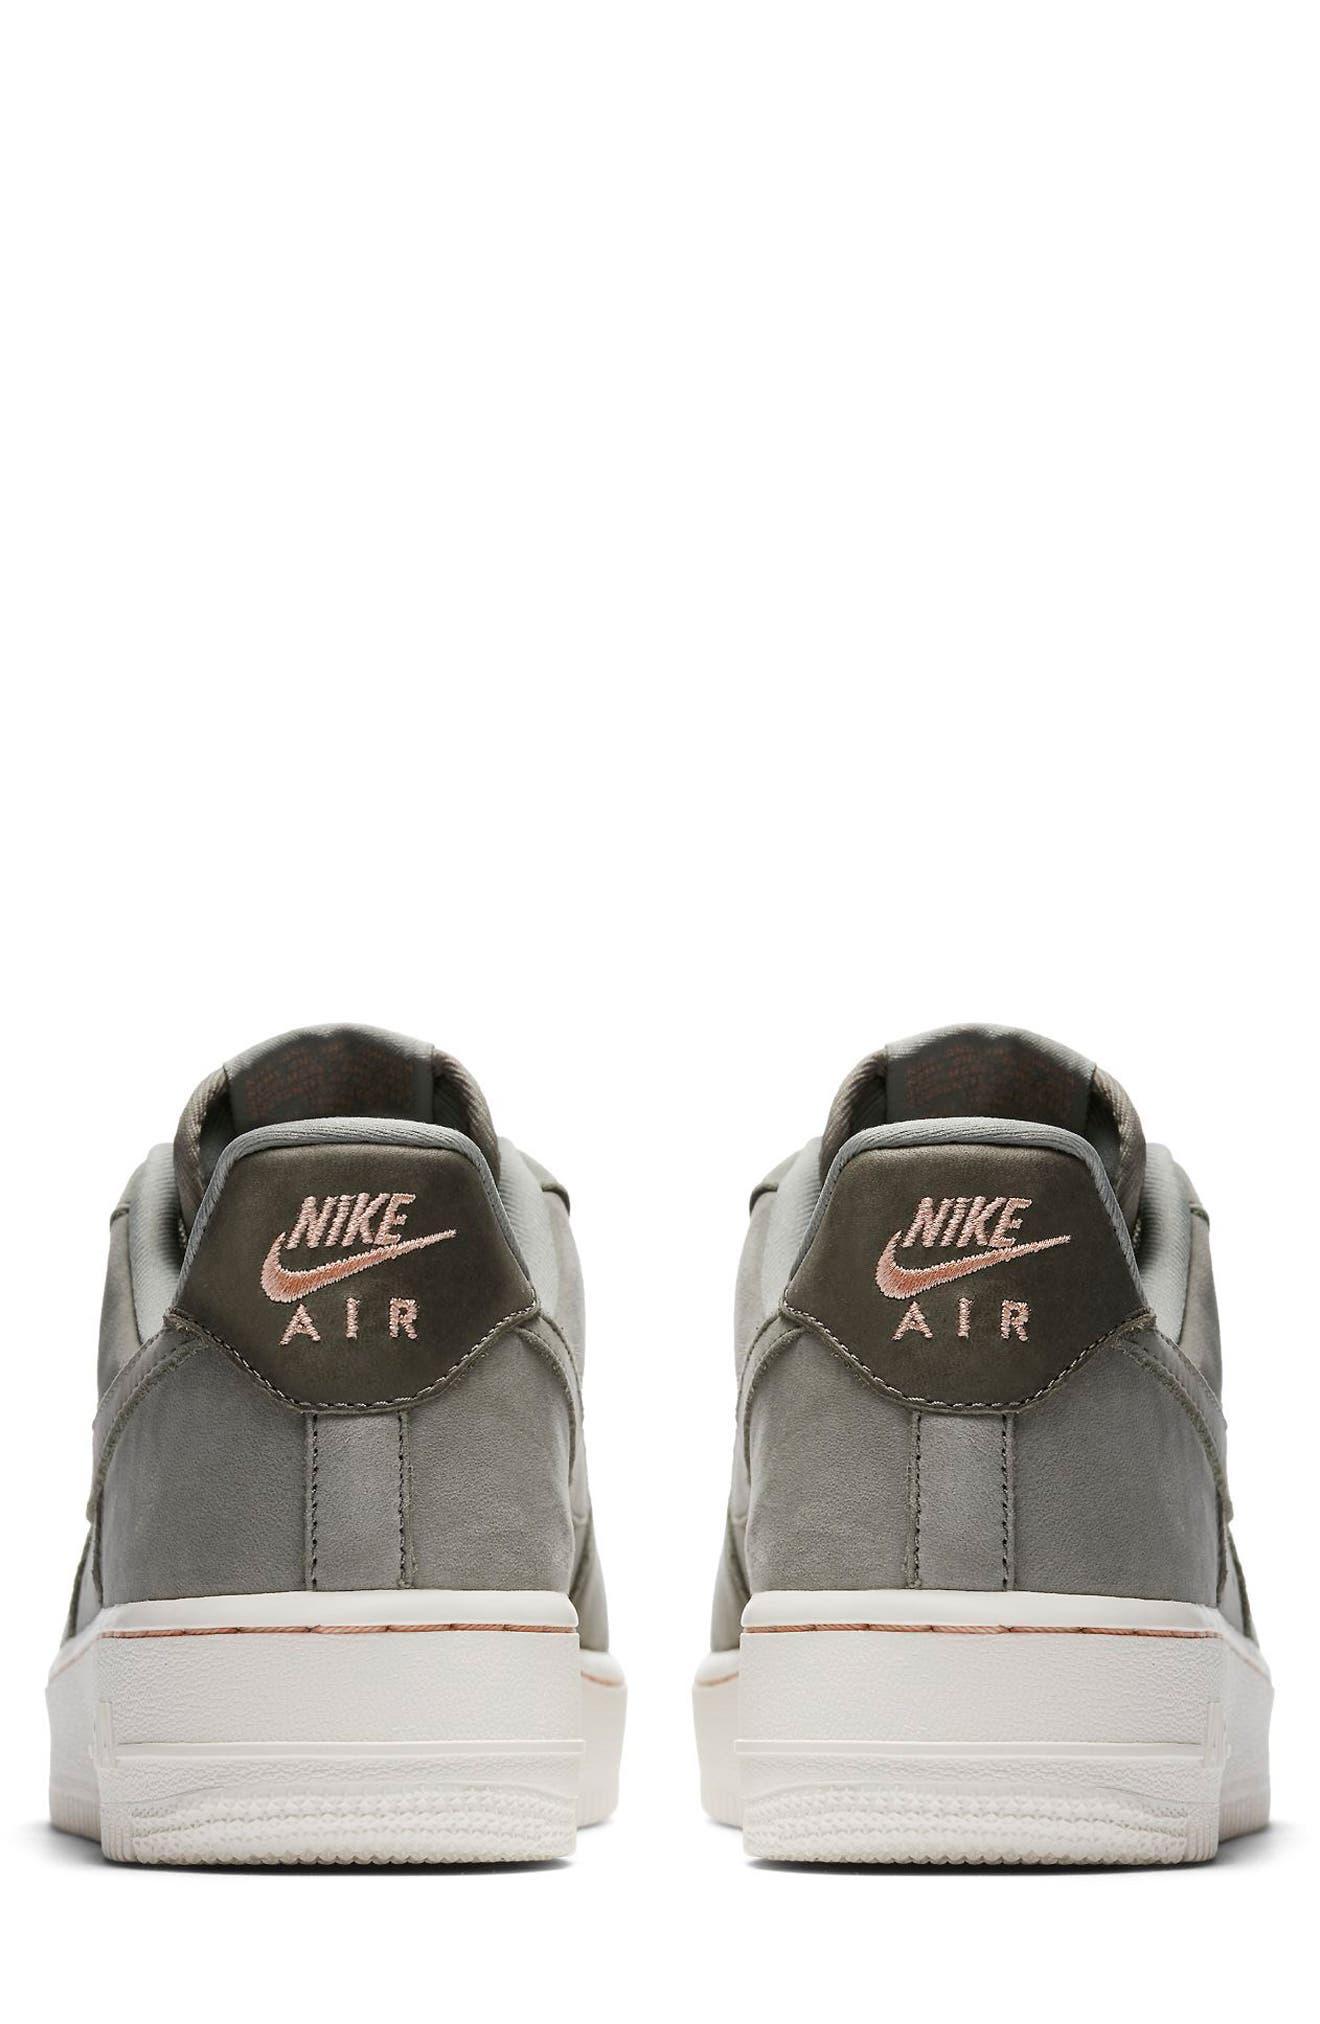 Alternate Image 2  - Nike Air Force 1 '07 Pinnacle Sneaker (Women)